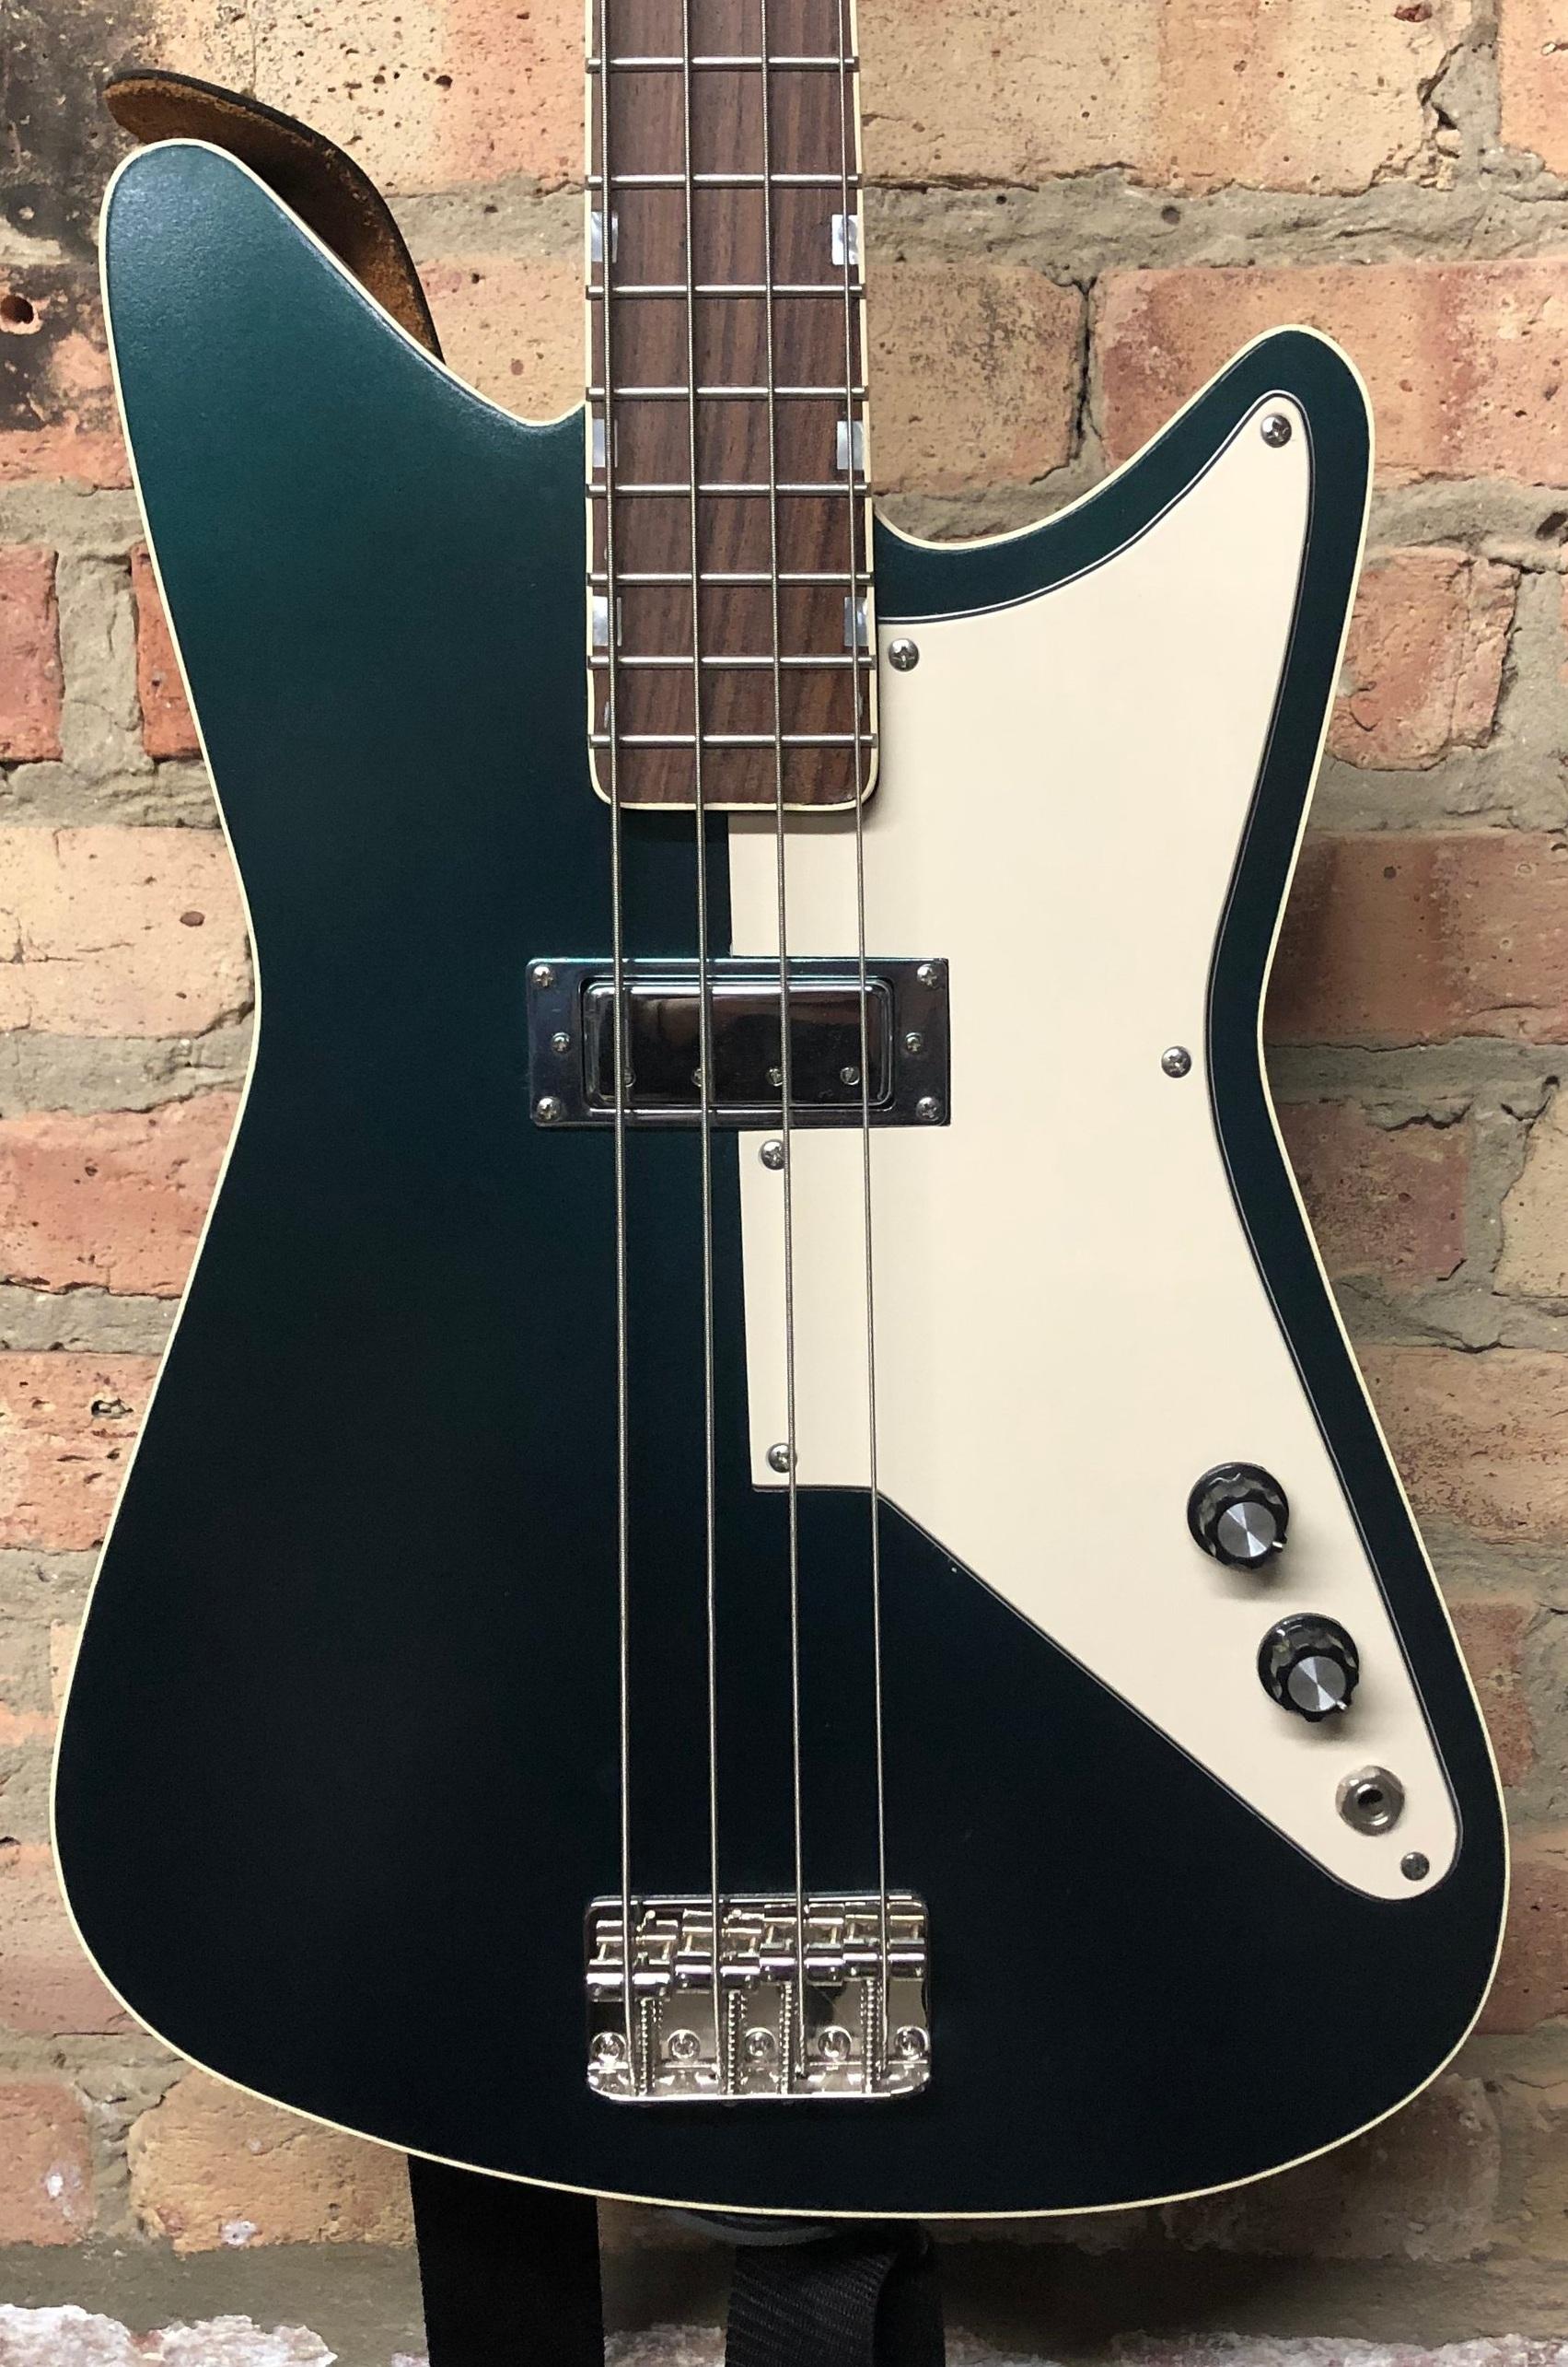 Oppenheimer+Custom+Bass+Chicago+GuitarSpace+Body.jpg